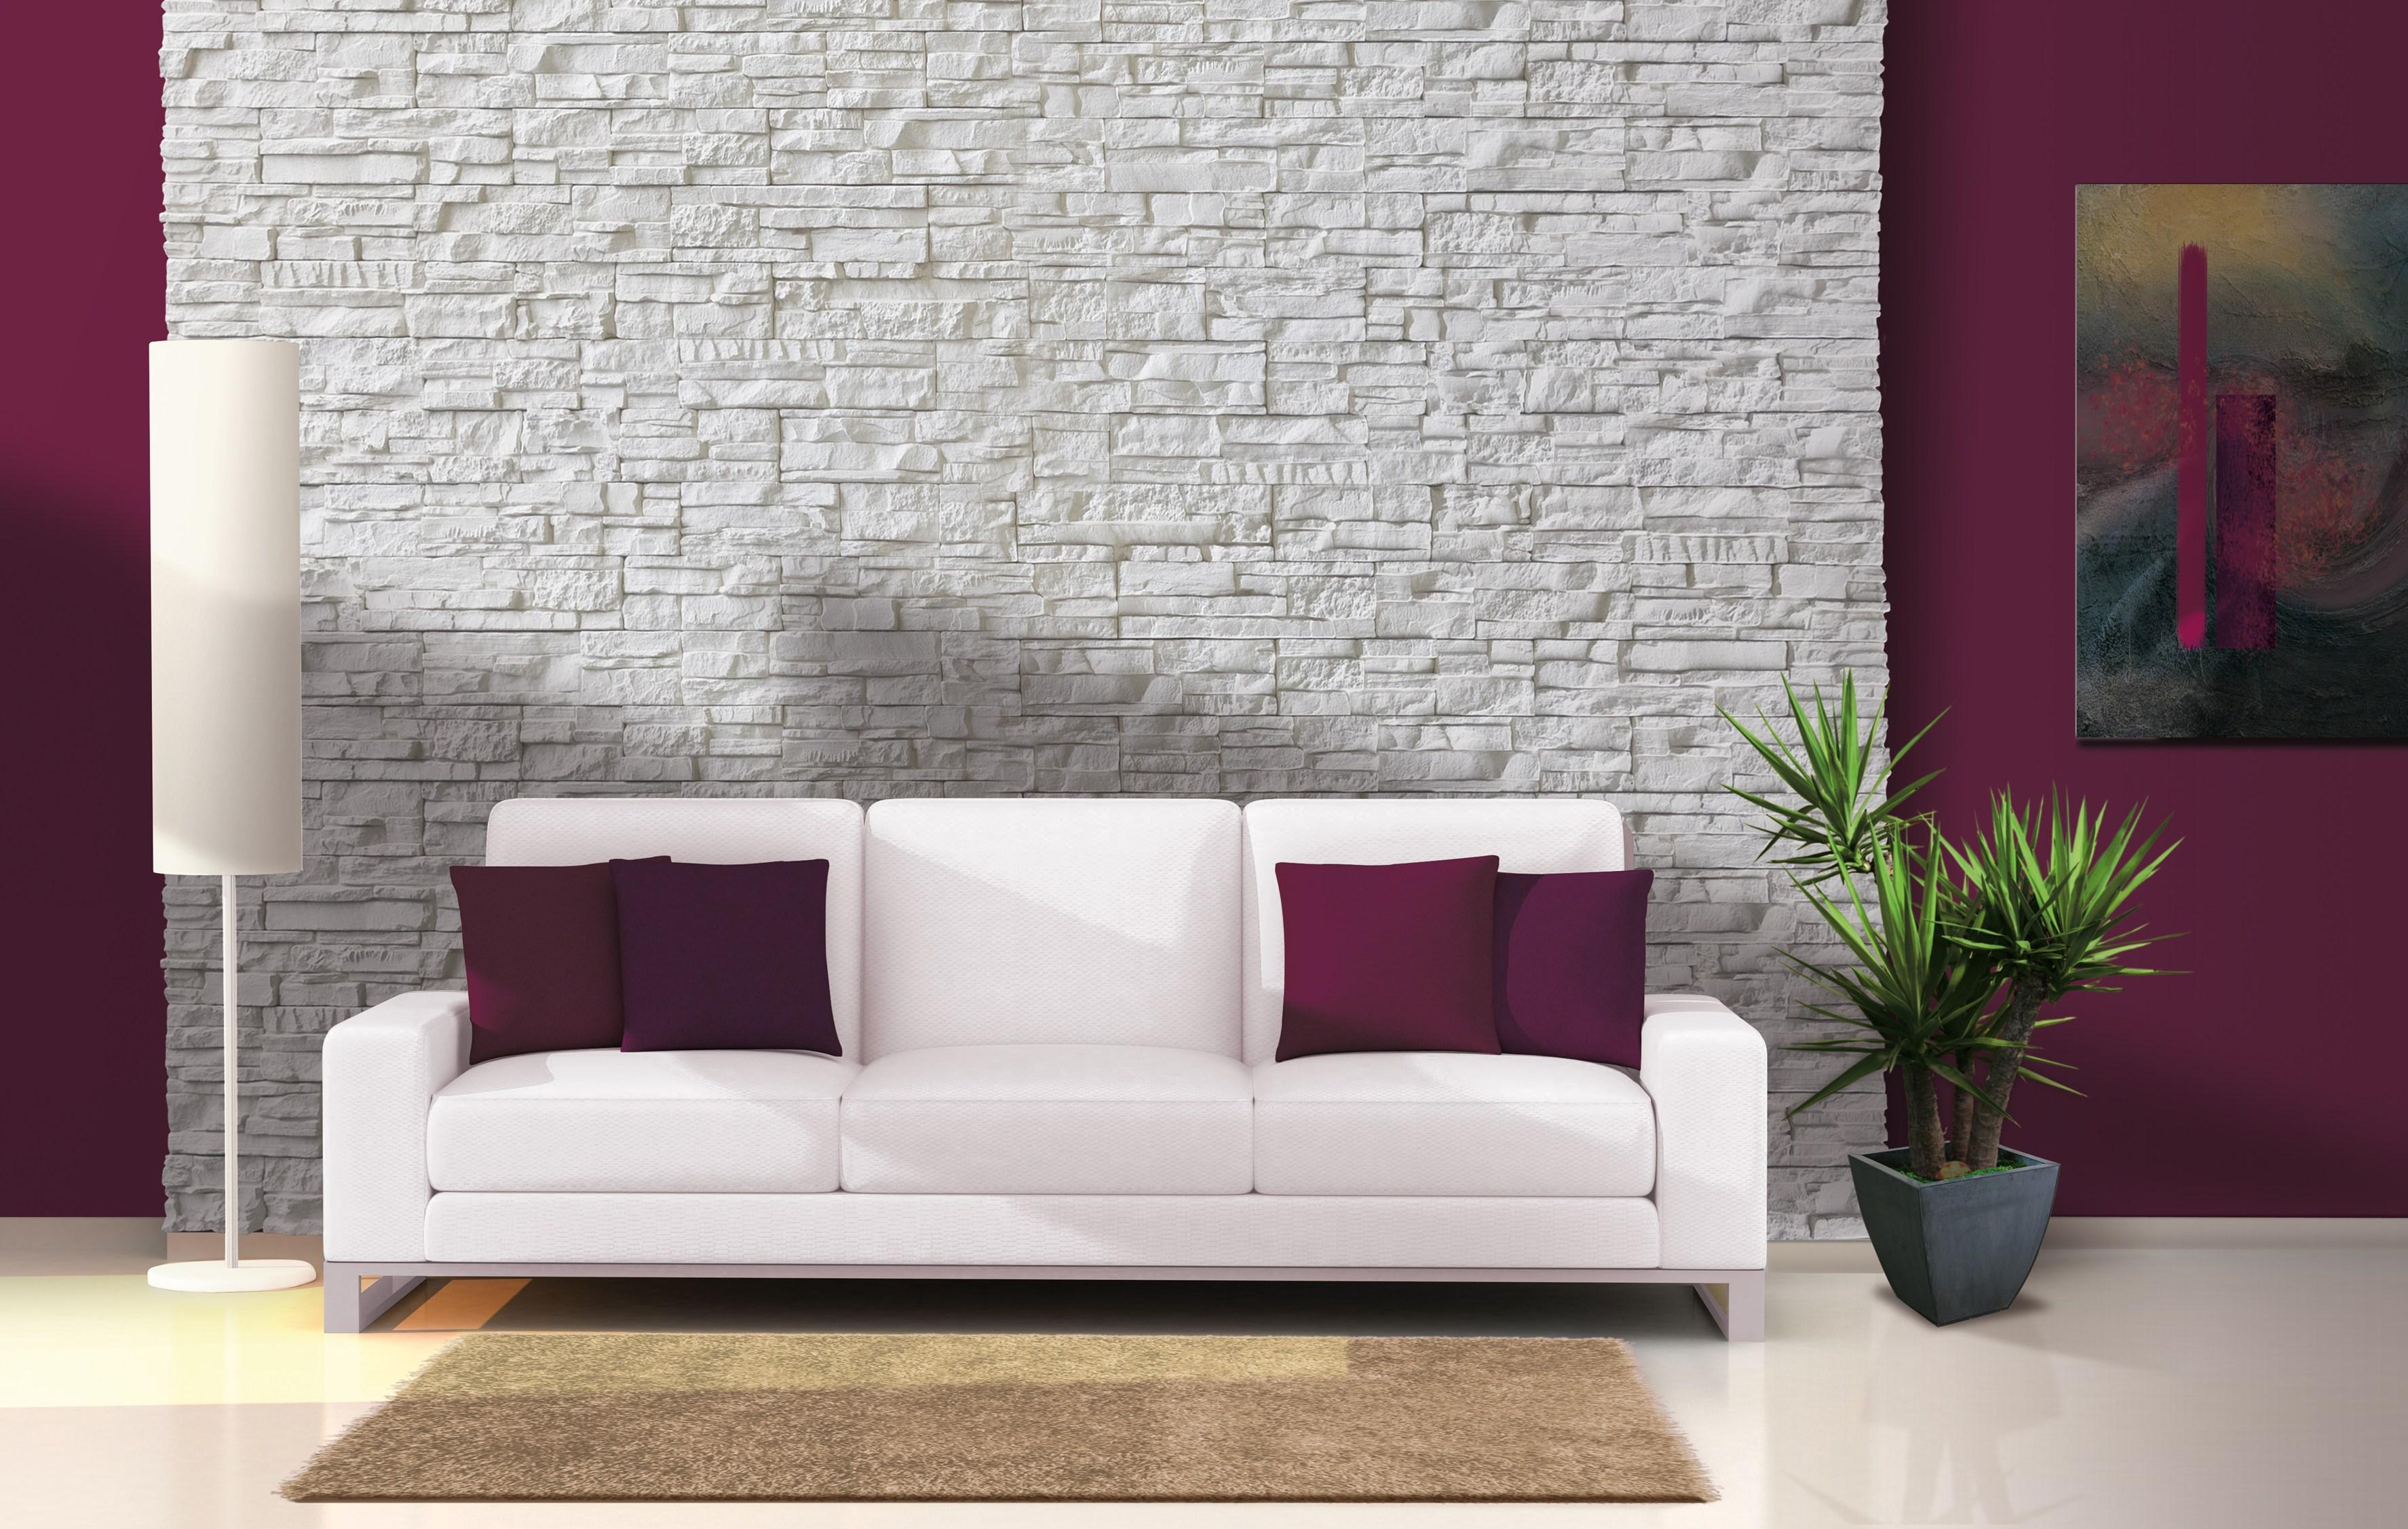 Hiasan dalaman ruang tamu warna ungu pada dinding dengan sofa moden putih